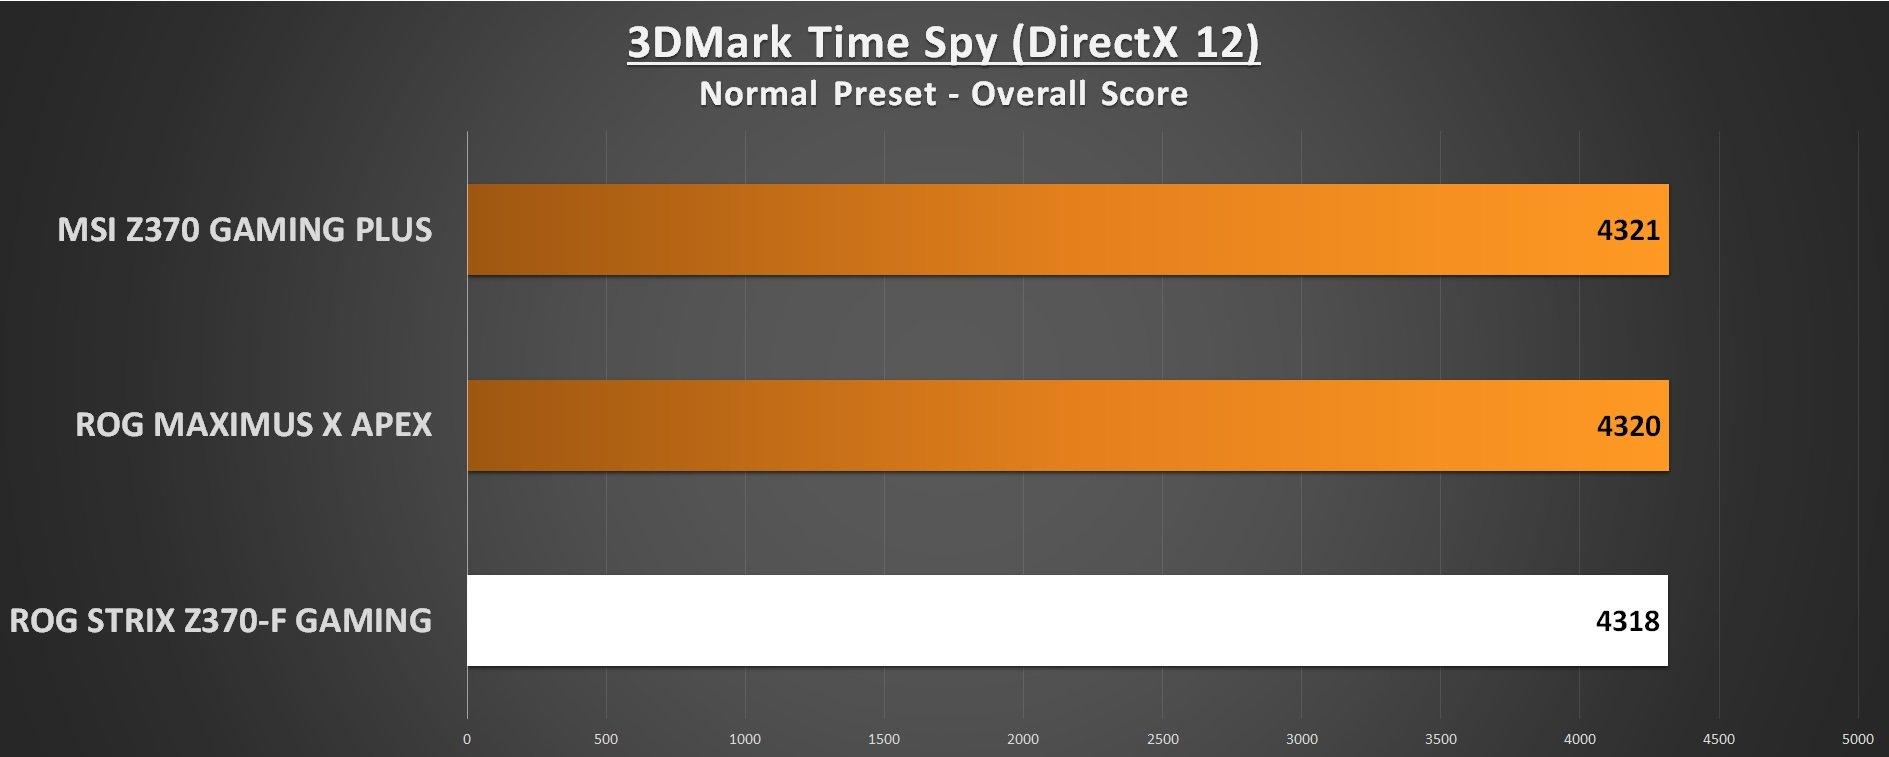 ROG STRIX Z370-F Gaming 3DMark Time Spy